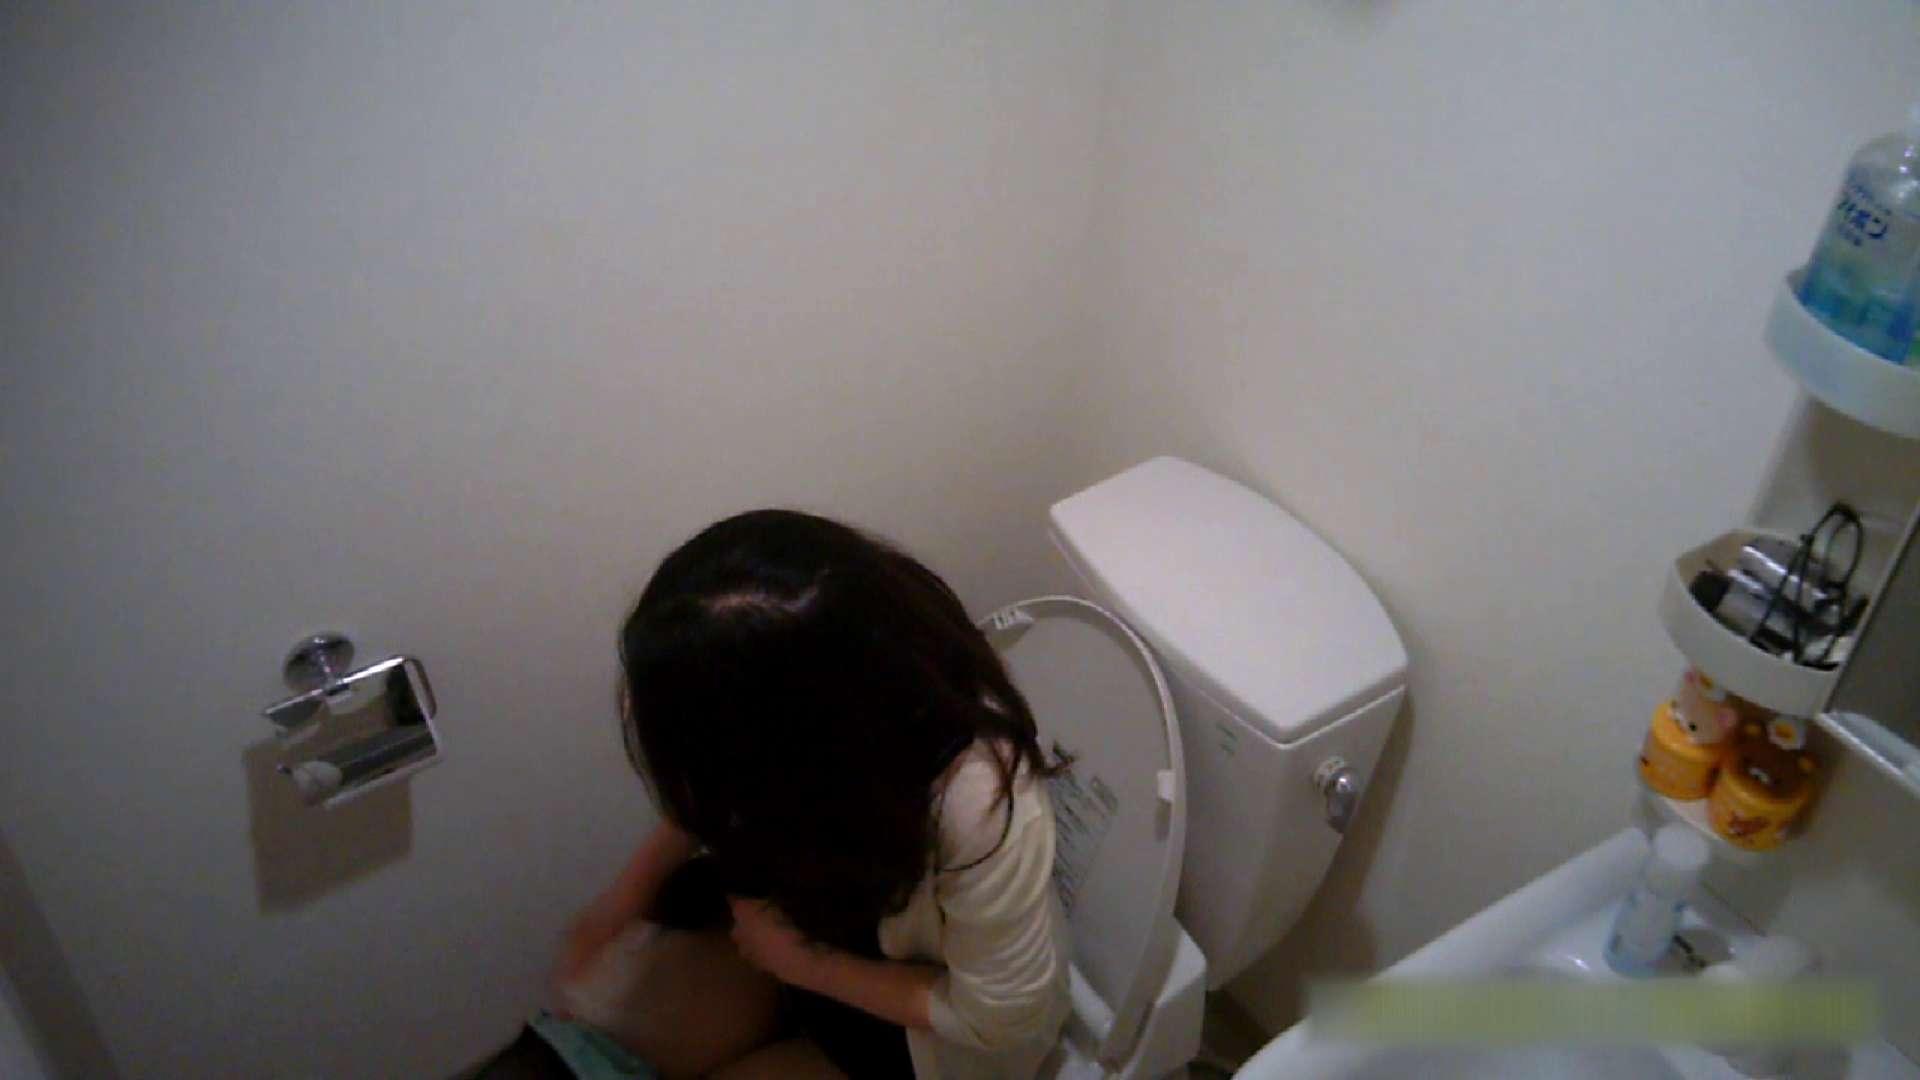 清楚な顔してかなり敏感なE子25歳(仮名)Vol.04 トイレ編 高画質 戯れ無修正画像 62画像 18